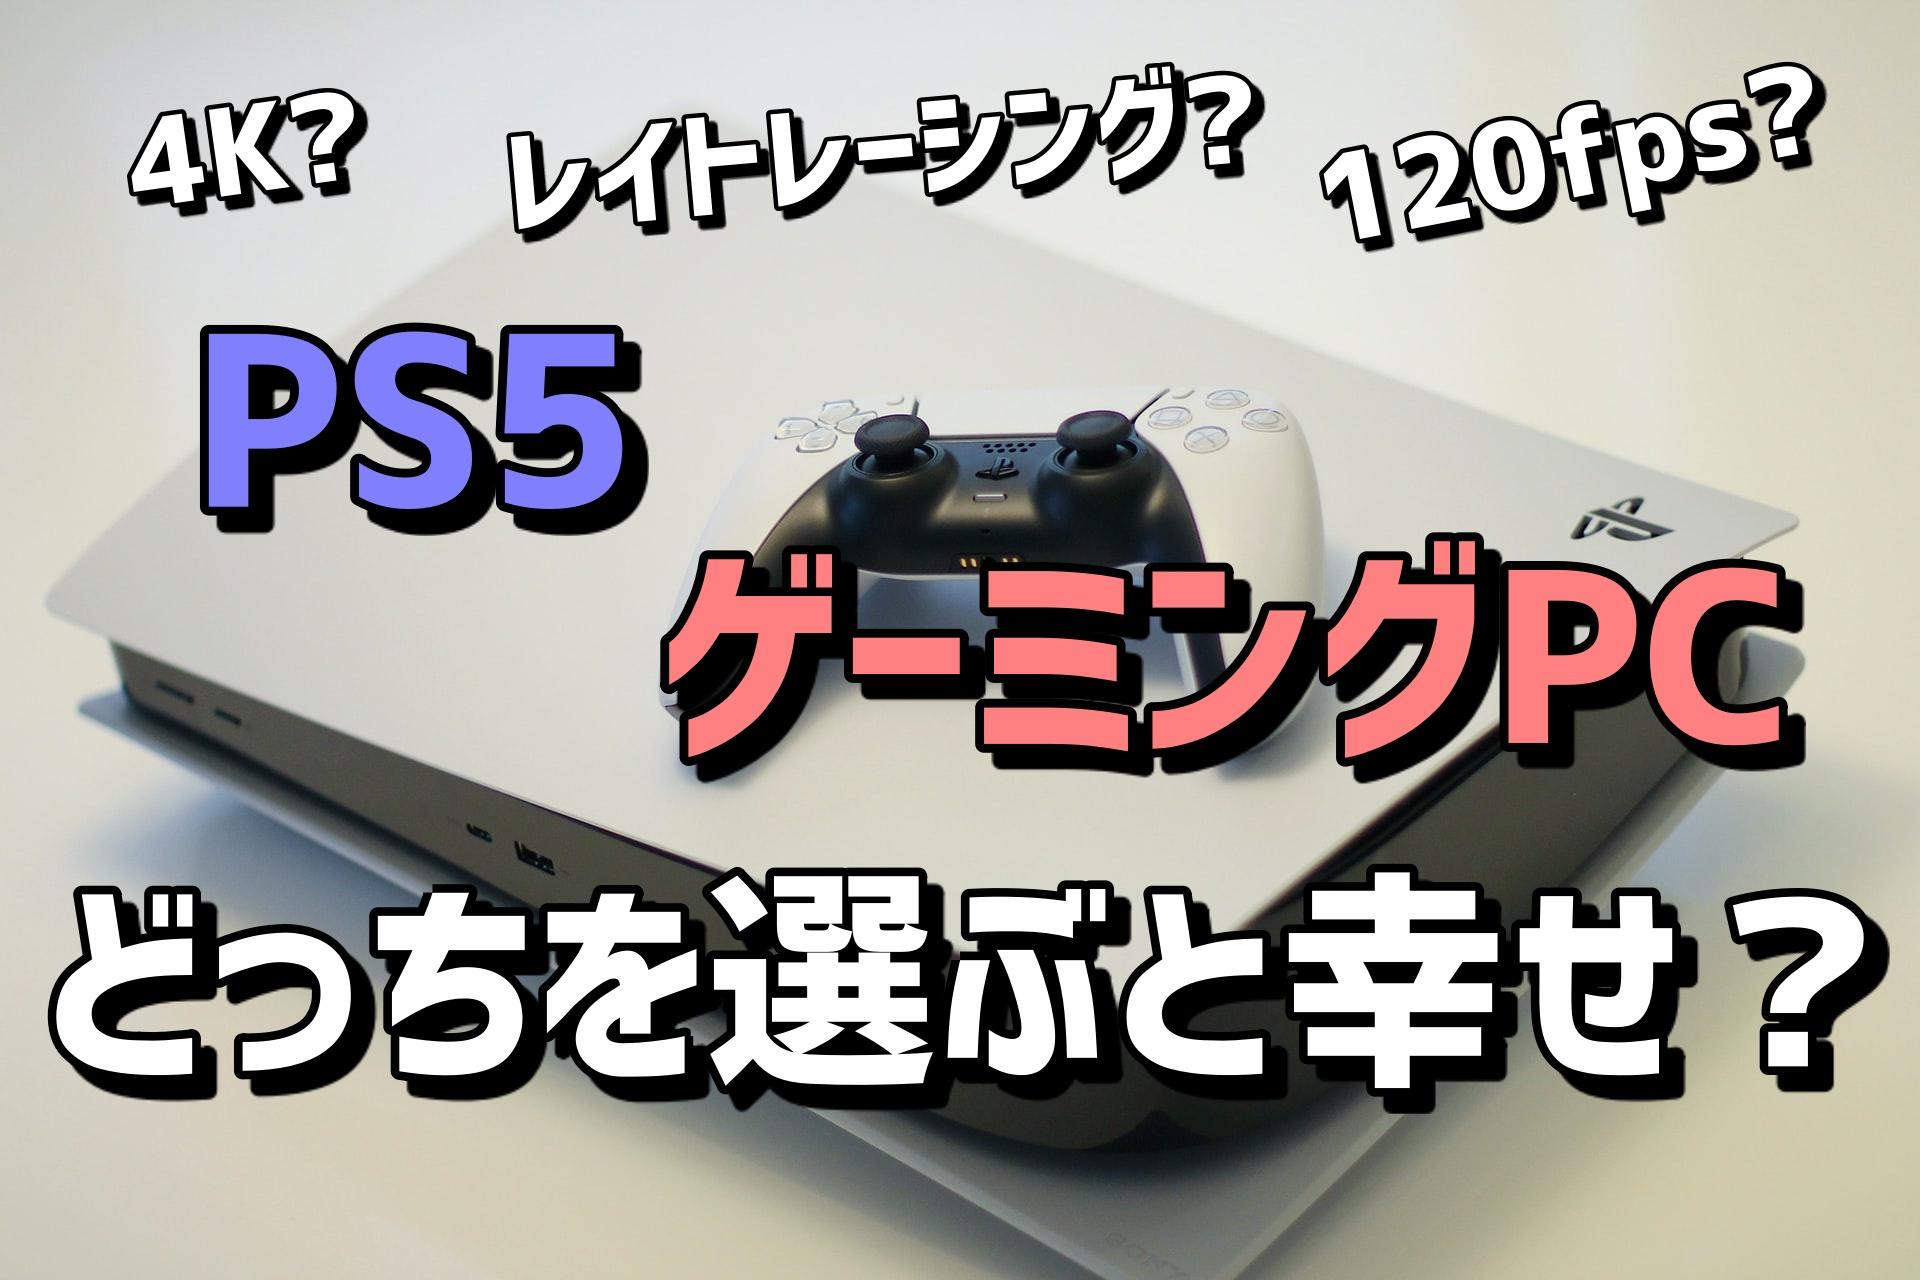 PS5とゲーミングPC